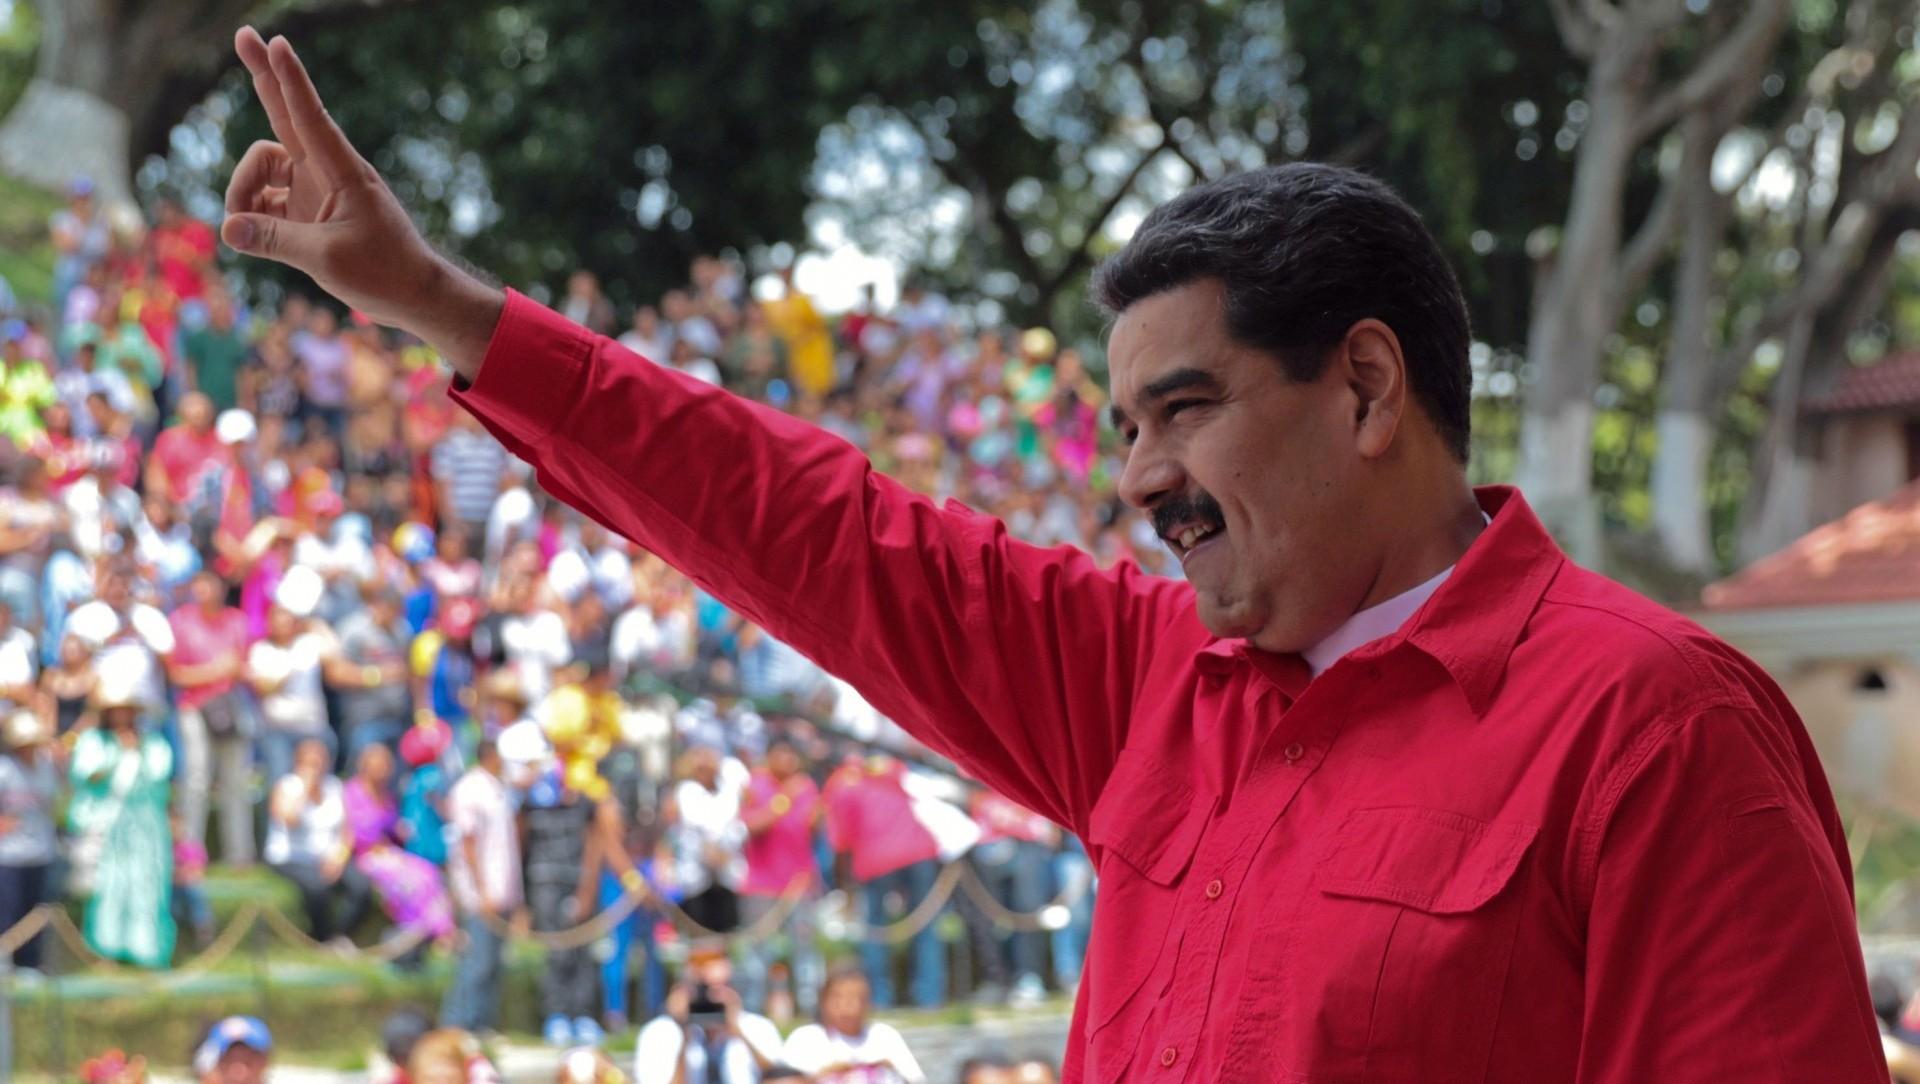 Nicolás Madurobuscará la reelección en unos comicios en los que pretende no tener rivales de peso tanto chavistas como opositores (AFP)